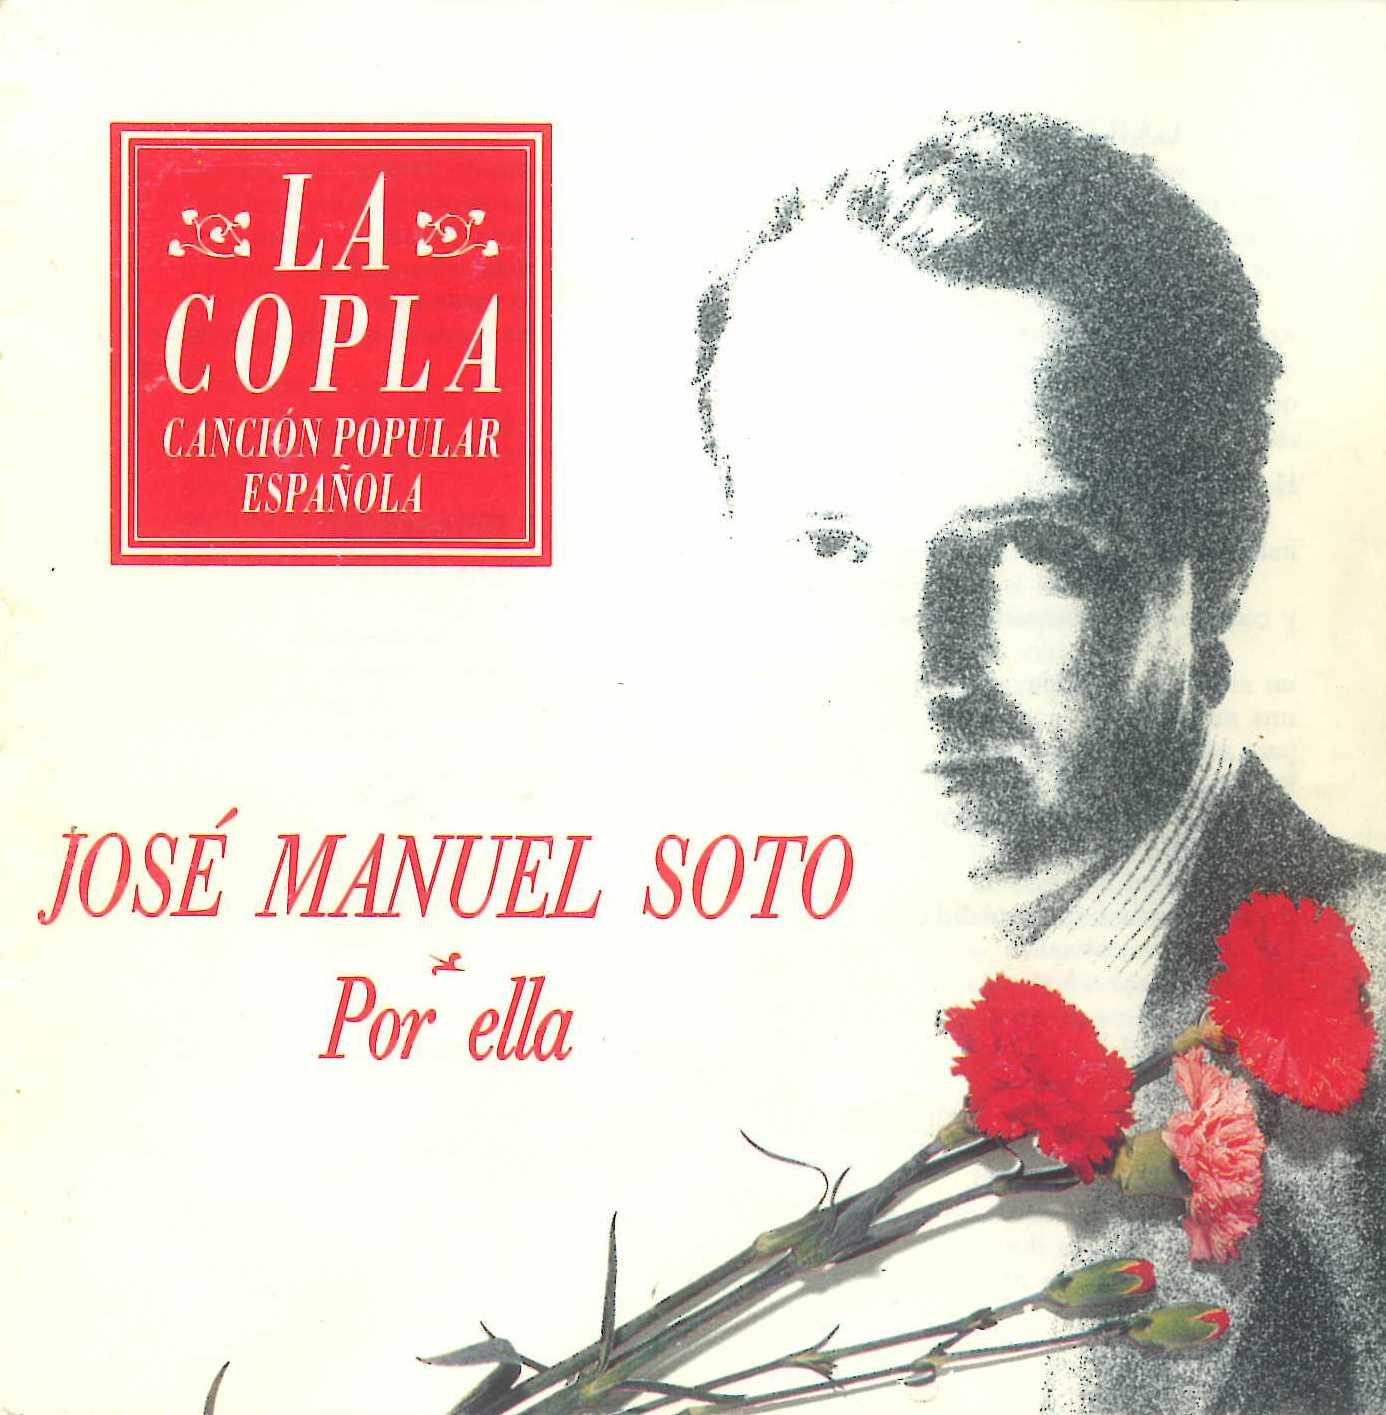 La copla, canción popular española: Jose Manuel Soto